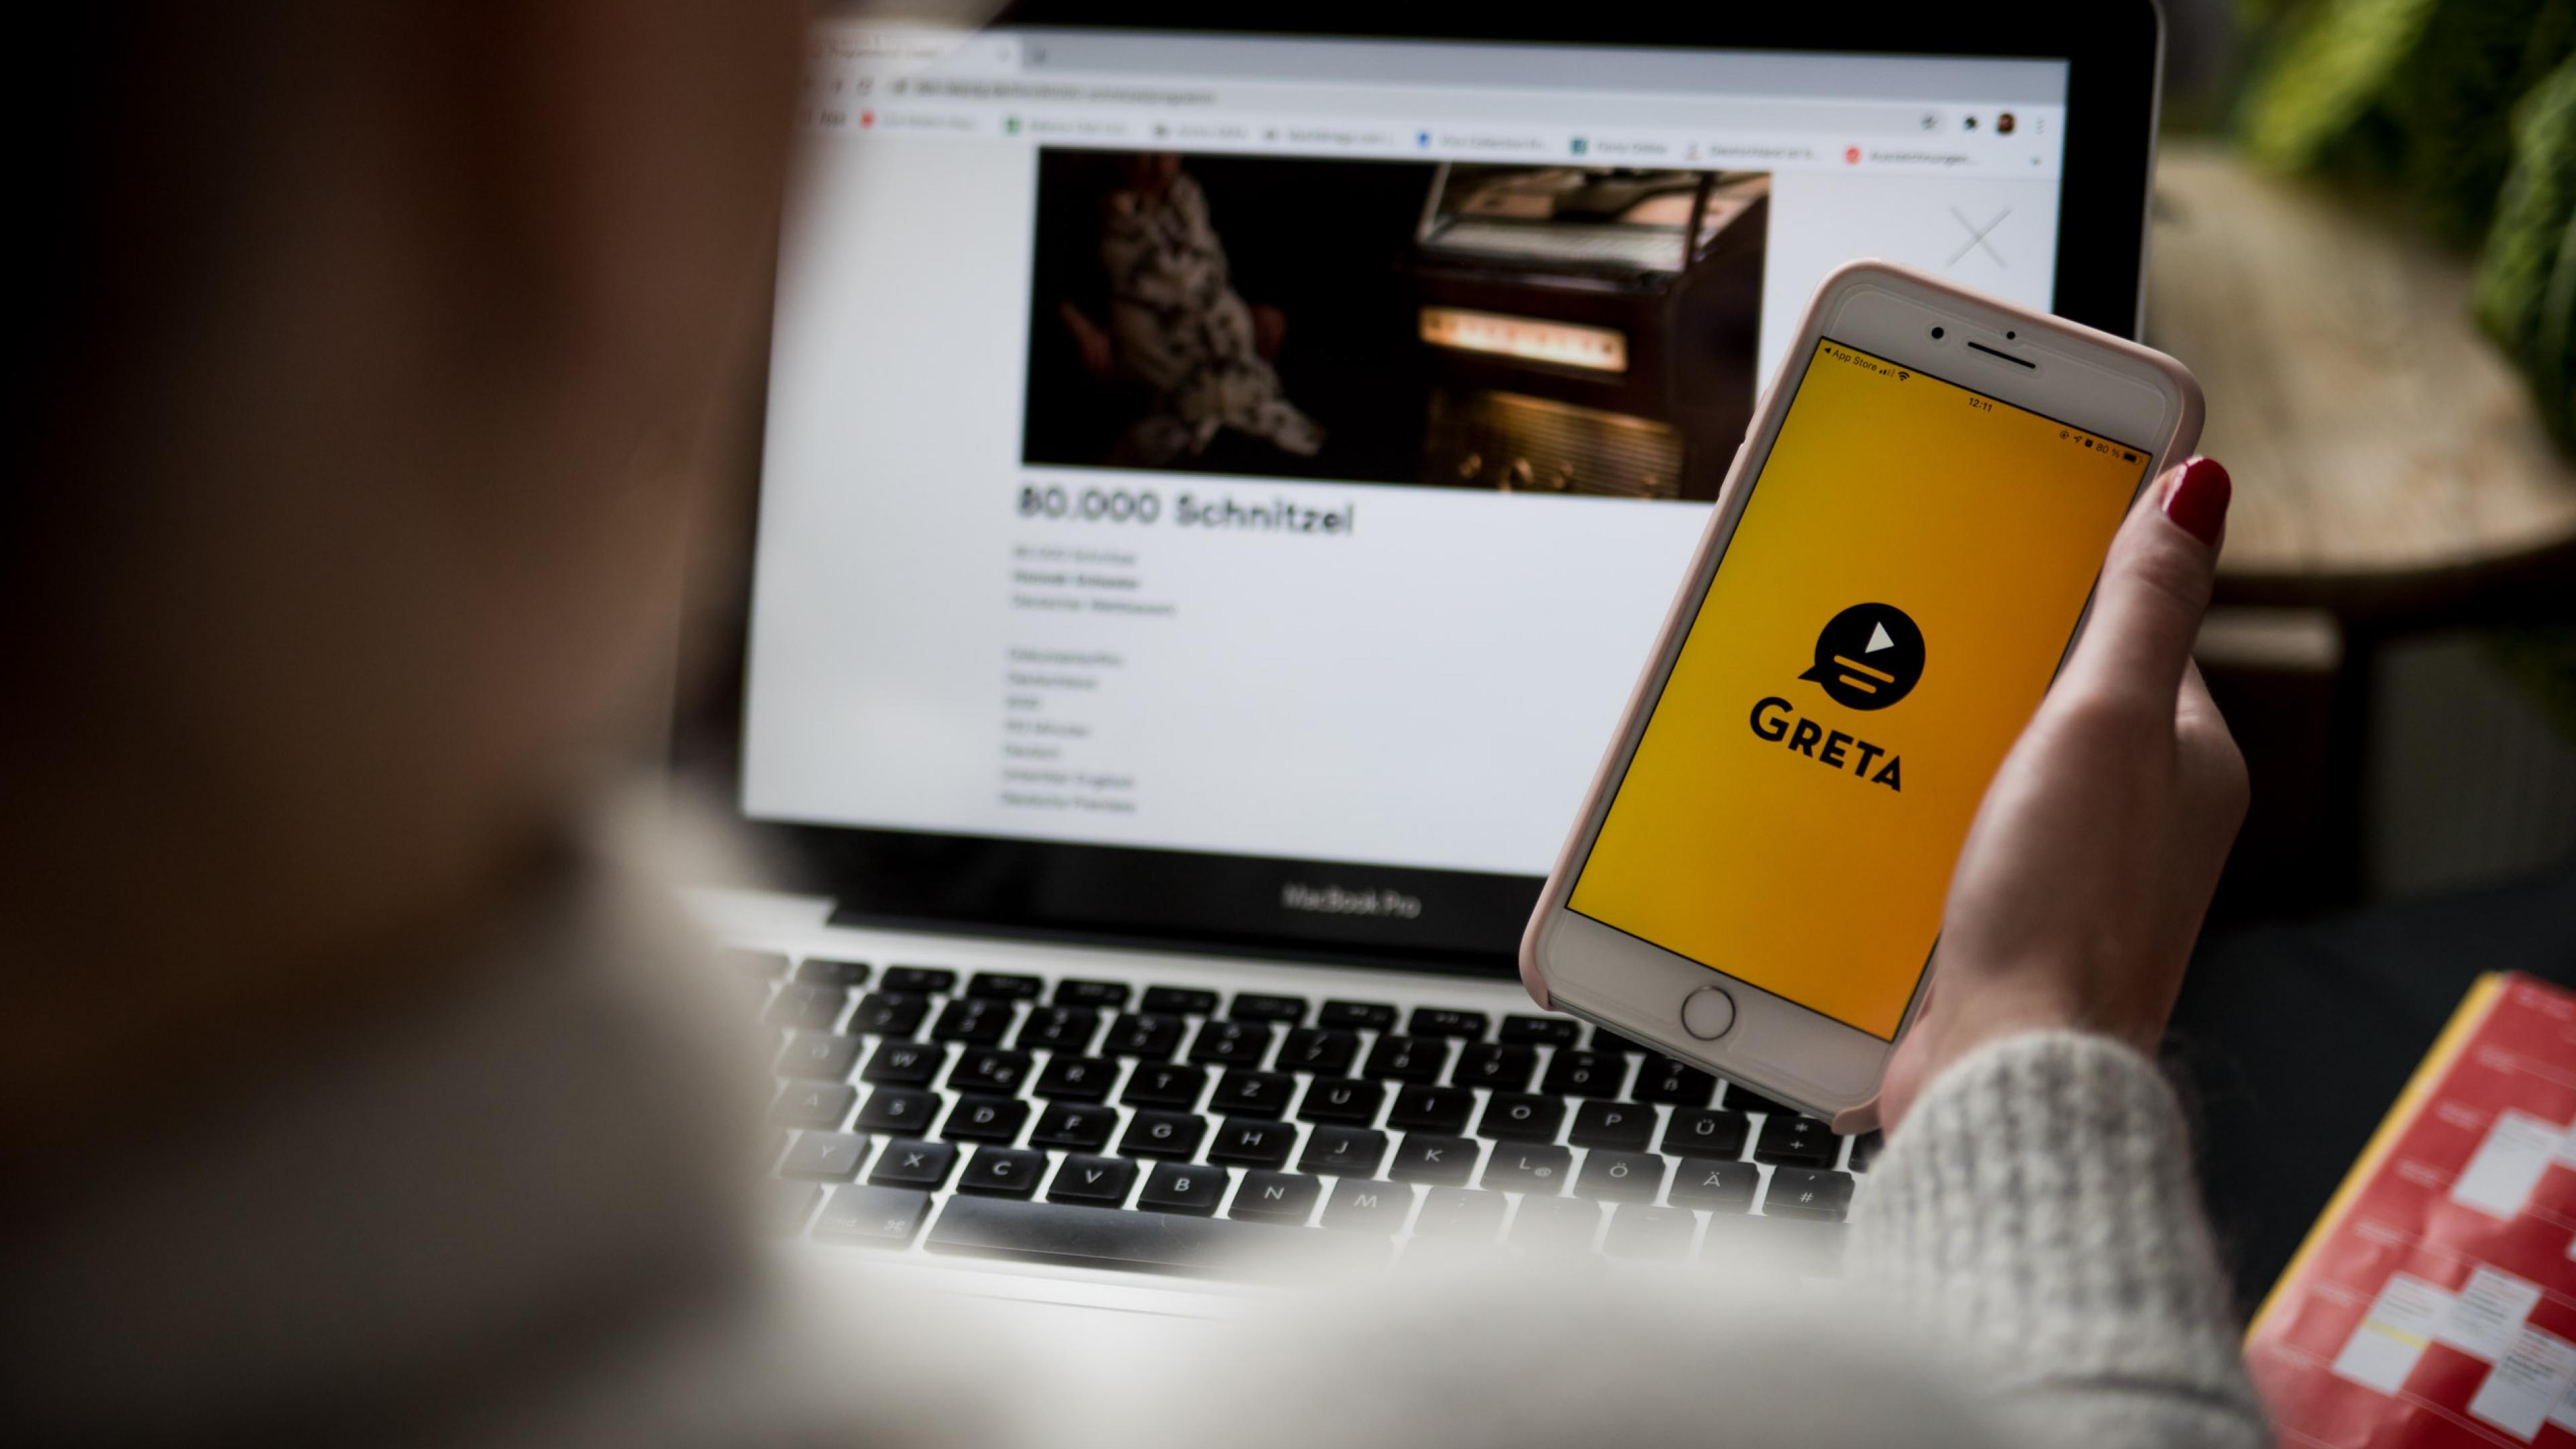 Blick über die Schulter einer Person auf ihren Laptopbildschirm, in der Hand hält sie ein Smartphone mit dem Startbildschirm der App Greta.